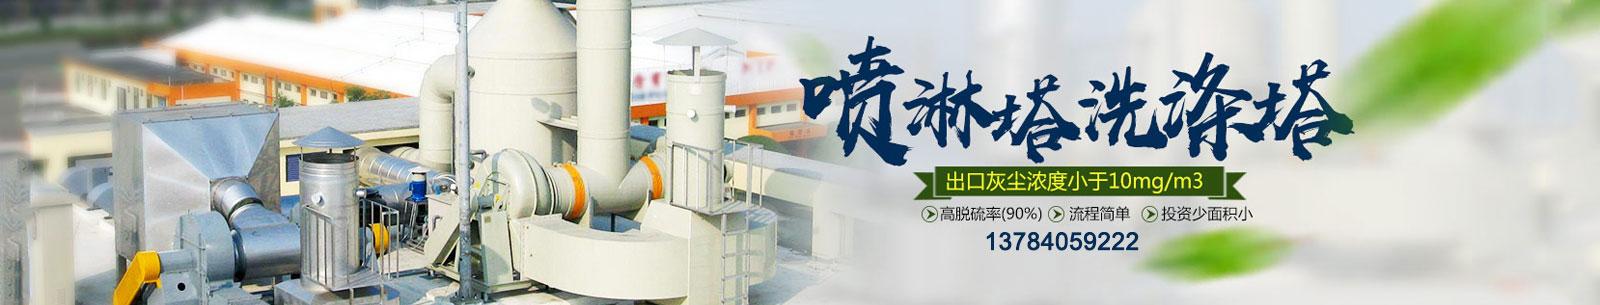 保定安然环保设备制造有限公司